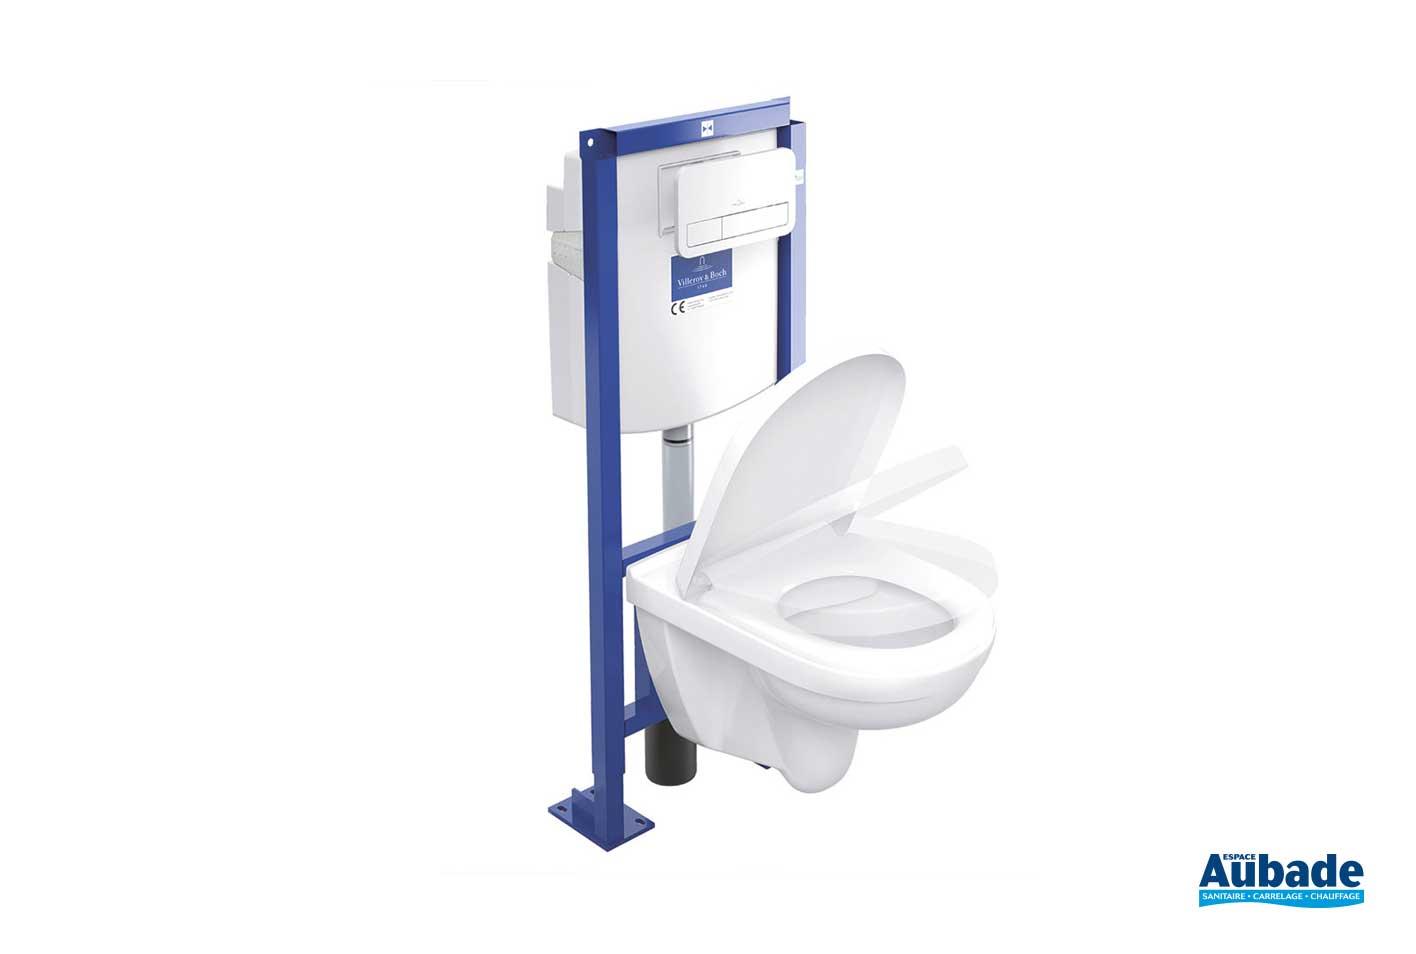 Wc Suspendu 4 Pieds wc suspendu tout en 1 viconnect villeroy & boch | espace aubade